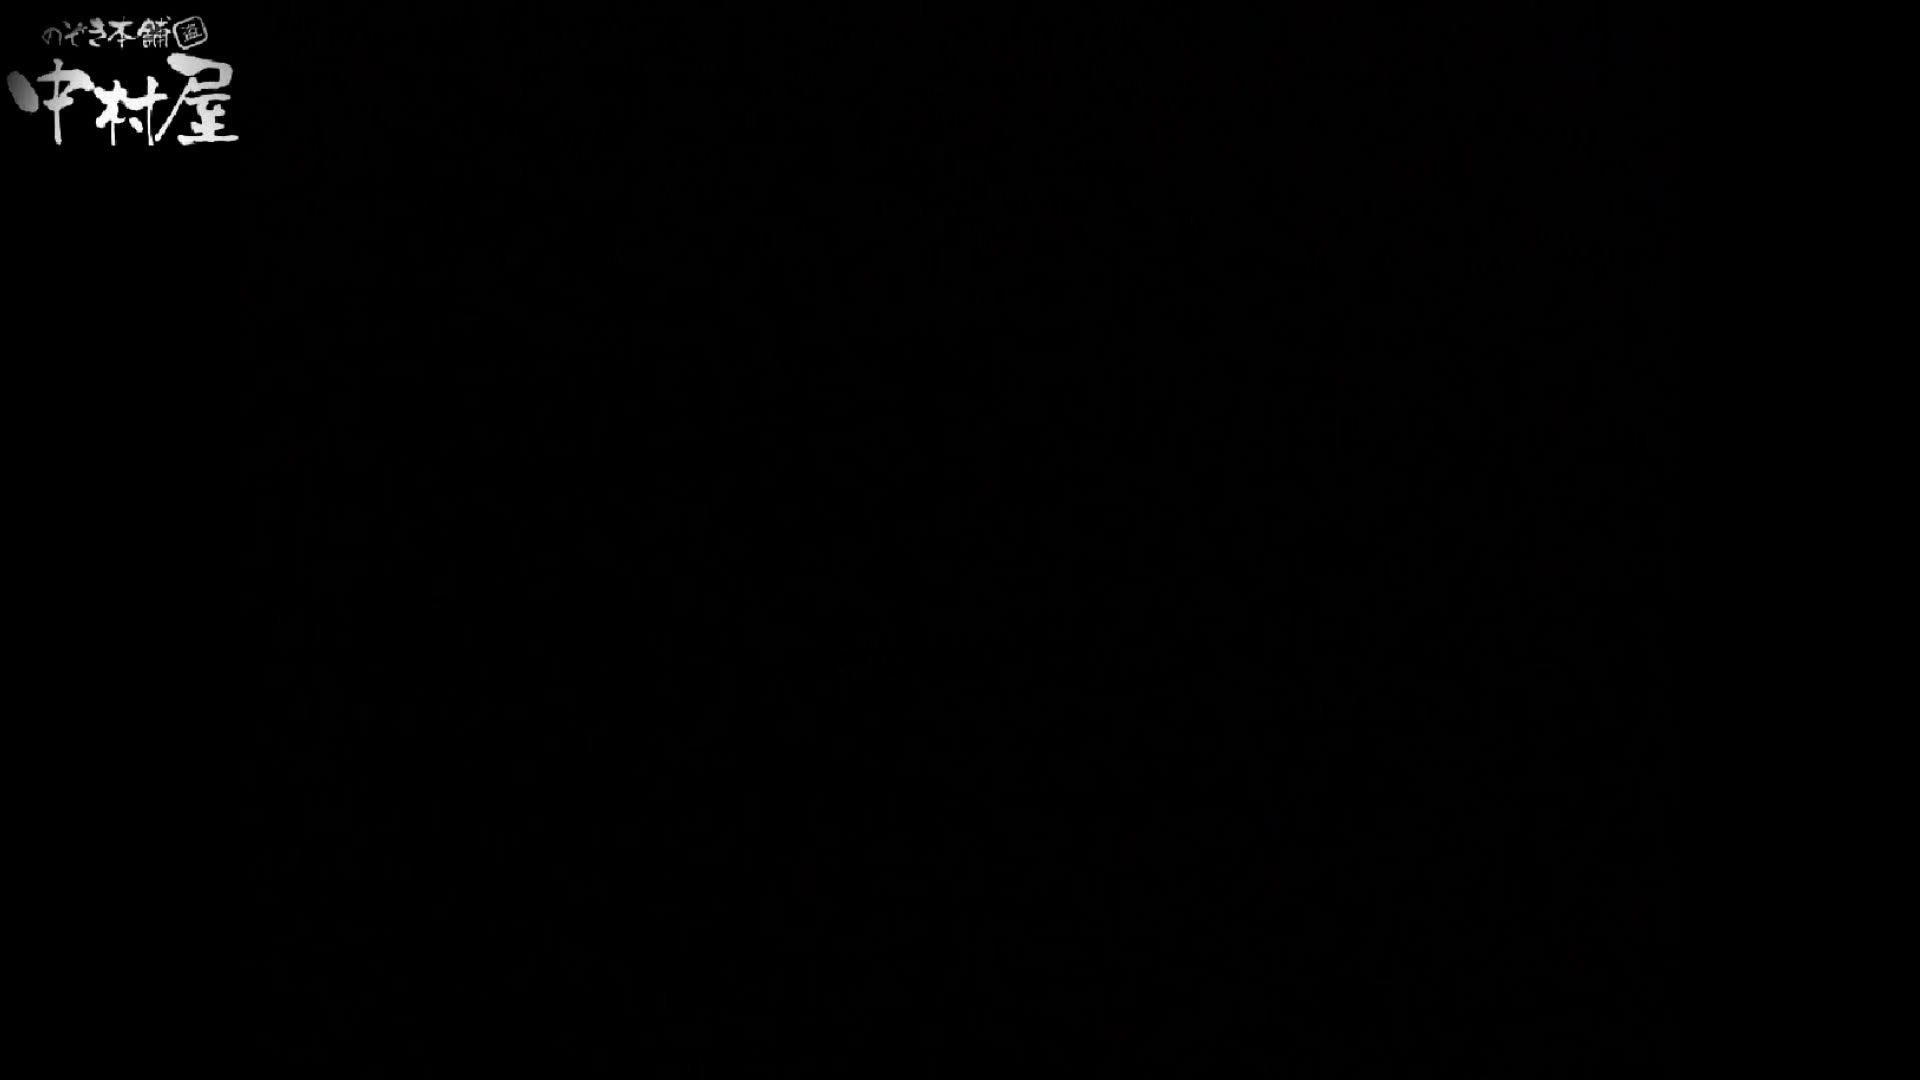 民家風呂専門盗撮師の超危険映像 vol.022 民家シリーズ 盗撮画像 76PIX 19